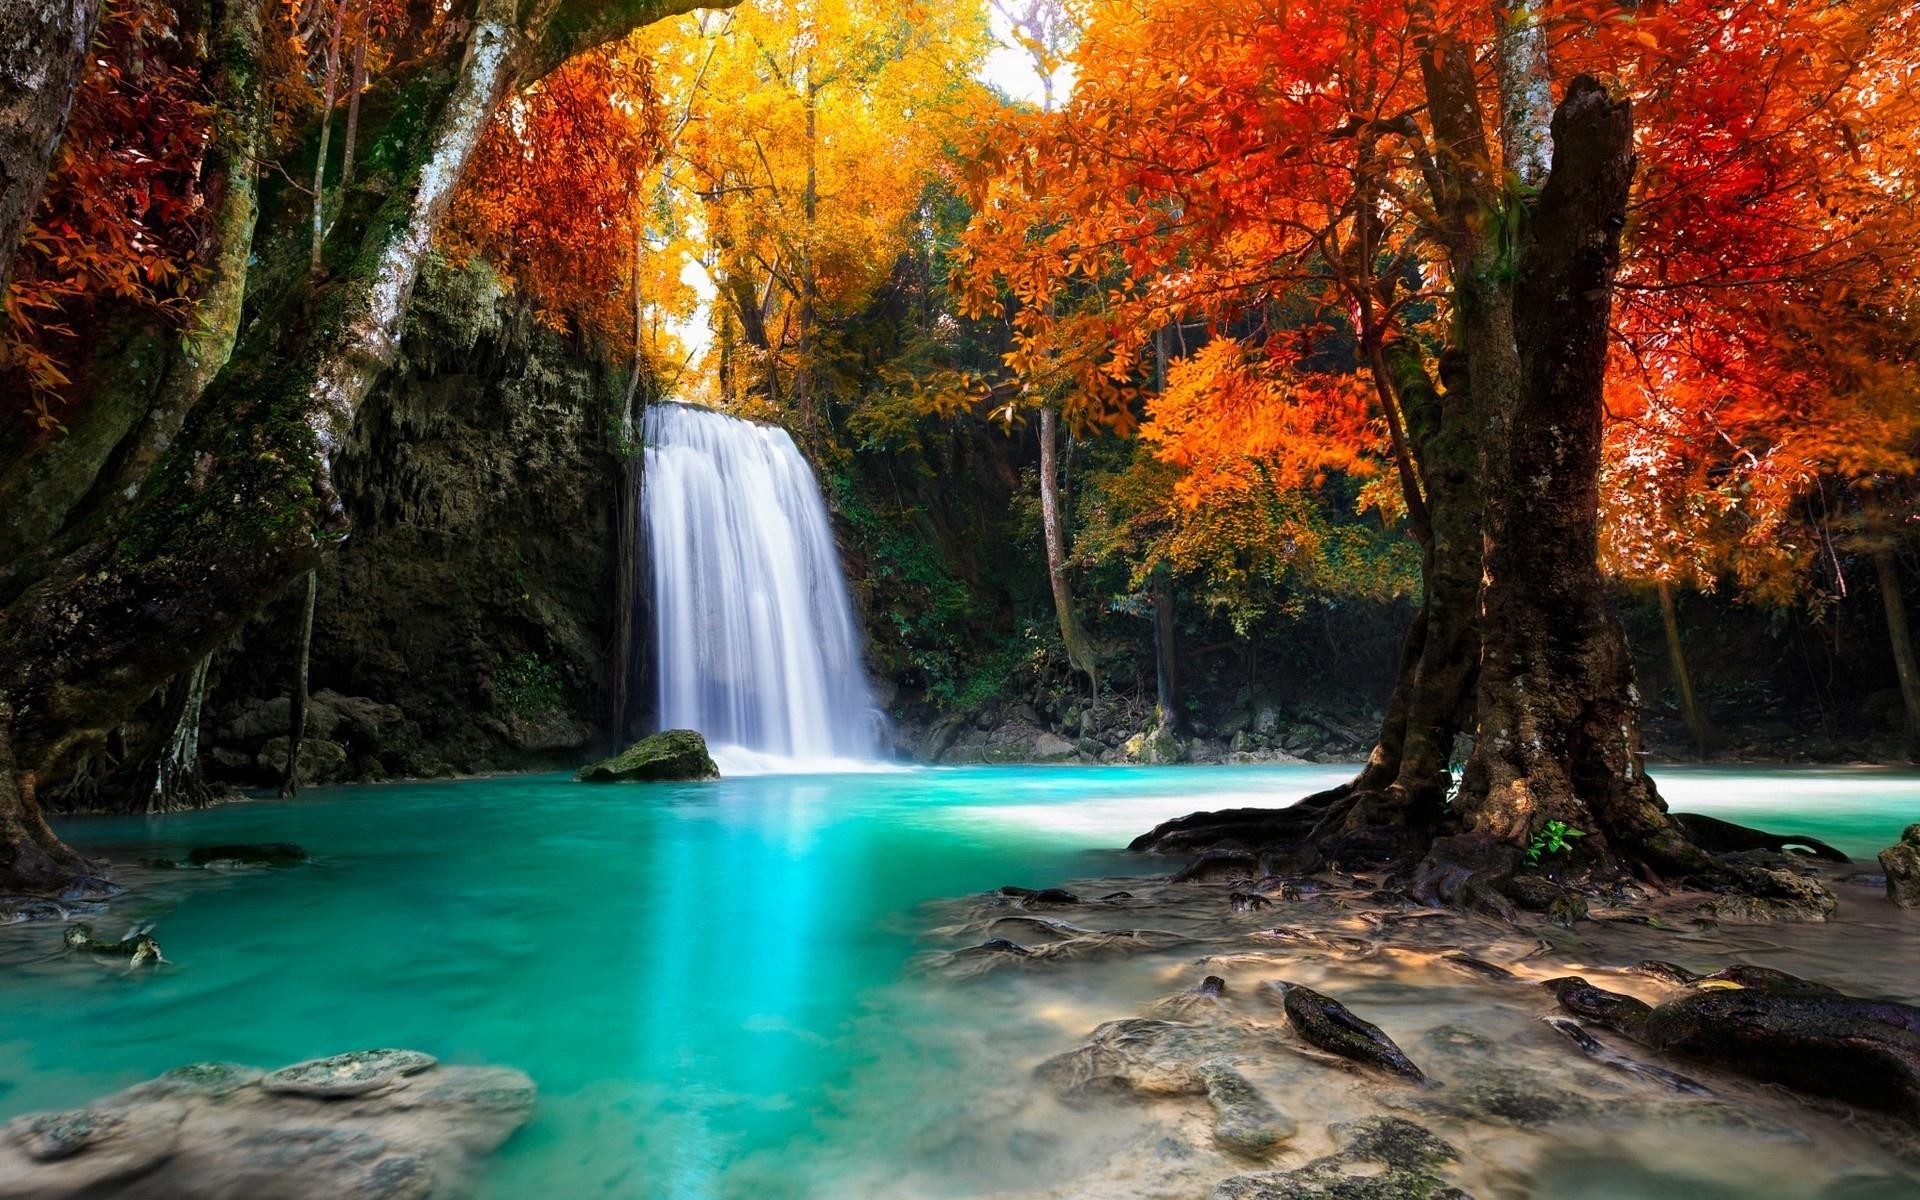 Hình ảnh thác nước tự nhiên